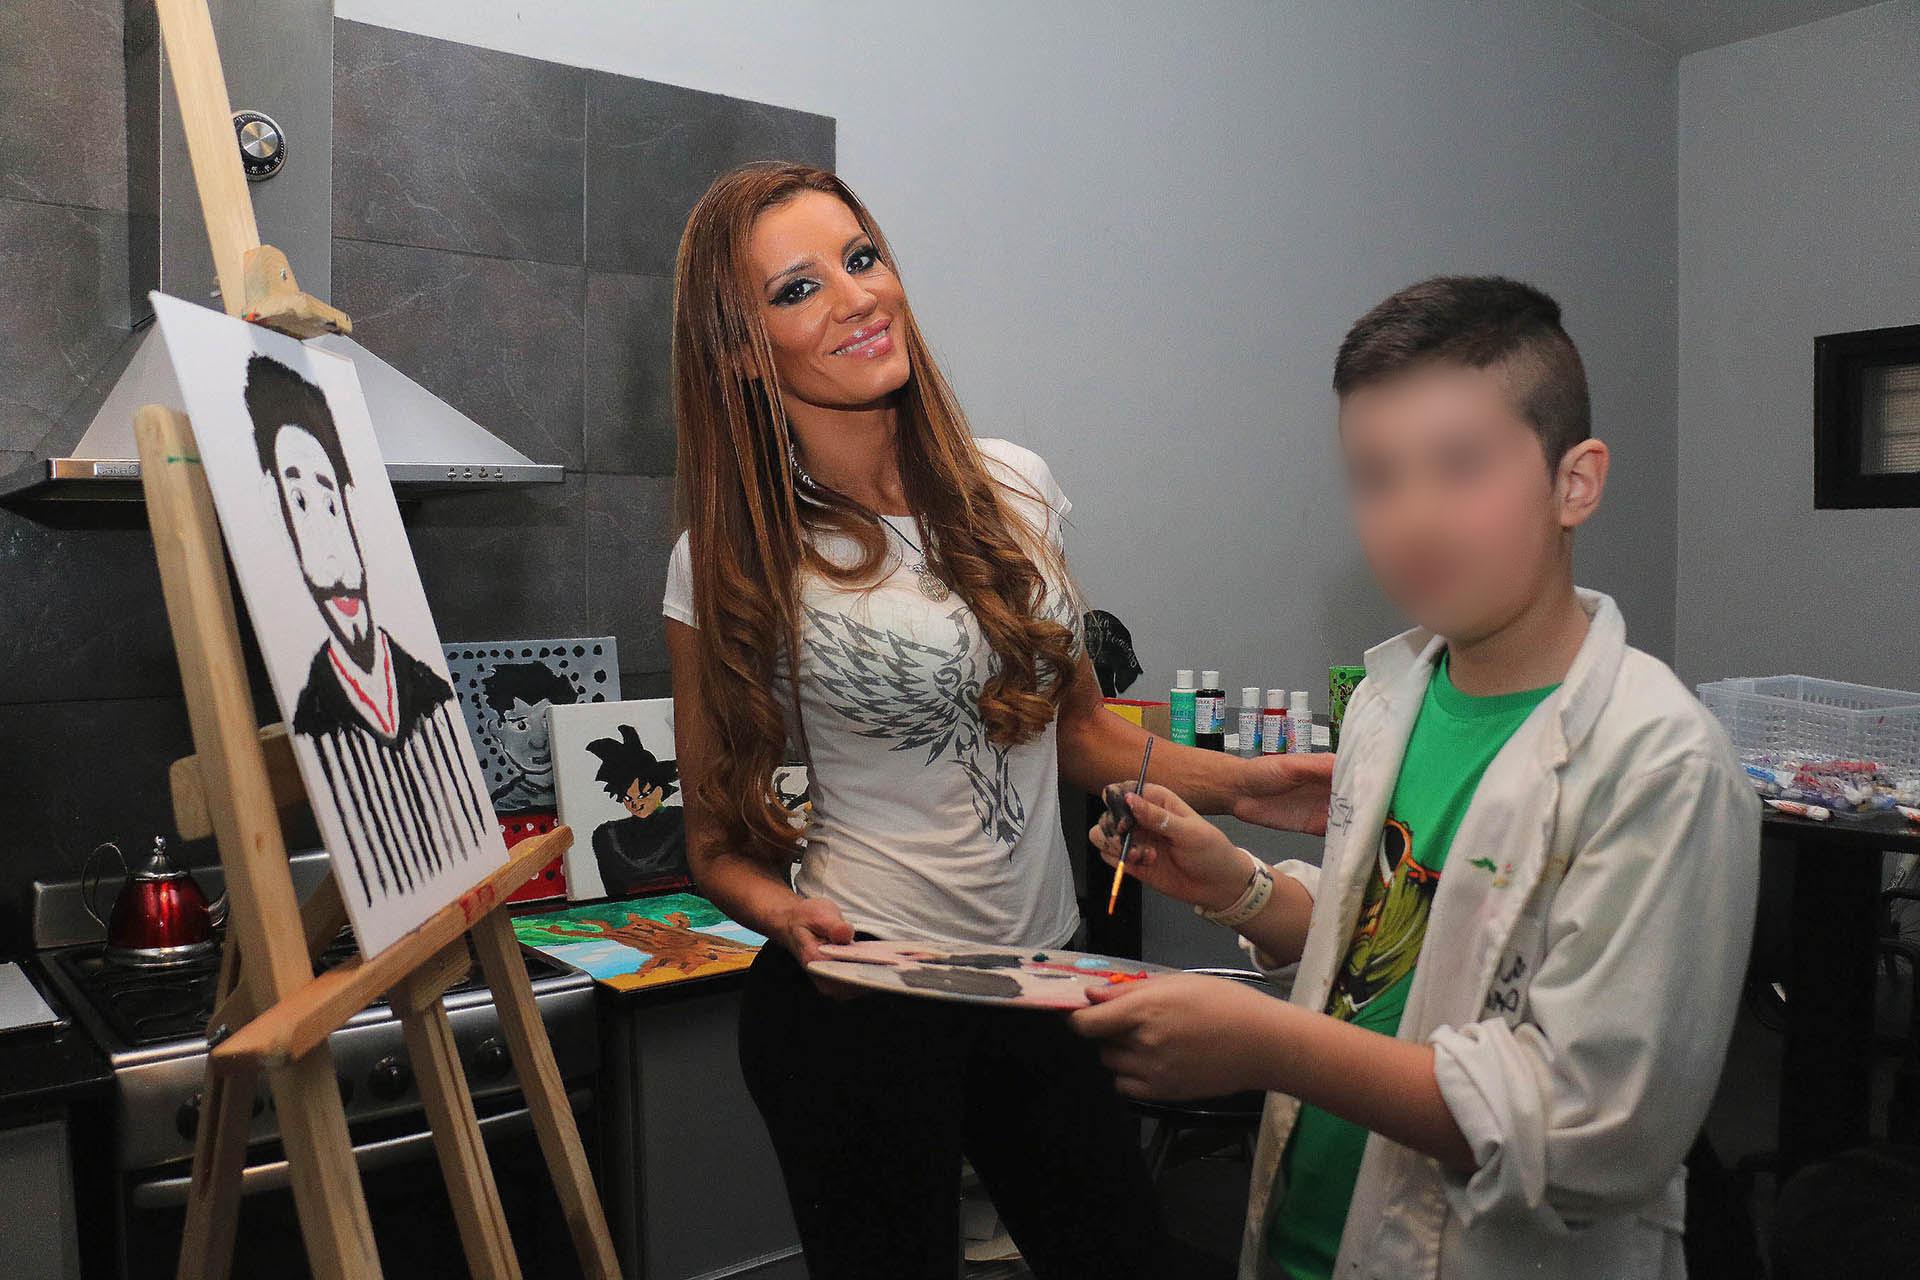 Natacha Jaitt con su hijo Valentino en una producción de fotos (Crédito: Verónica Guerman/Teleshow)